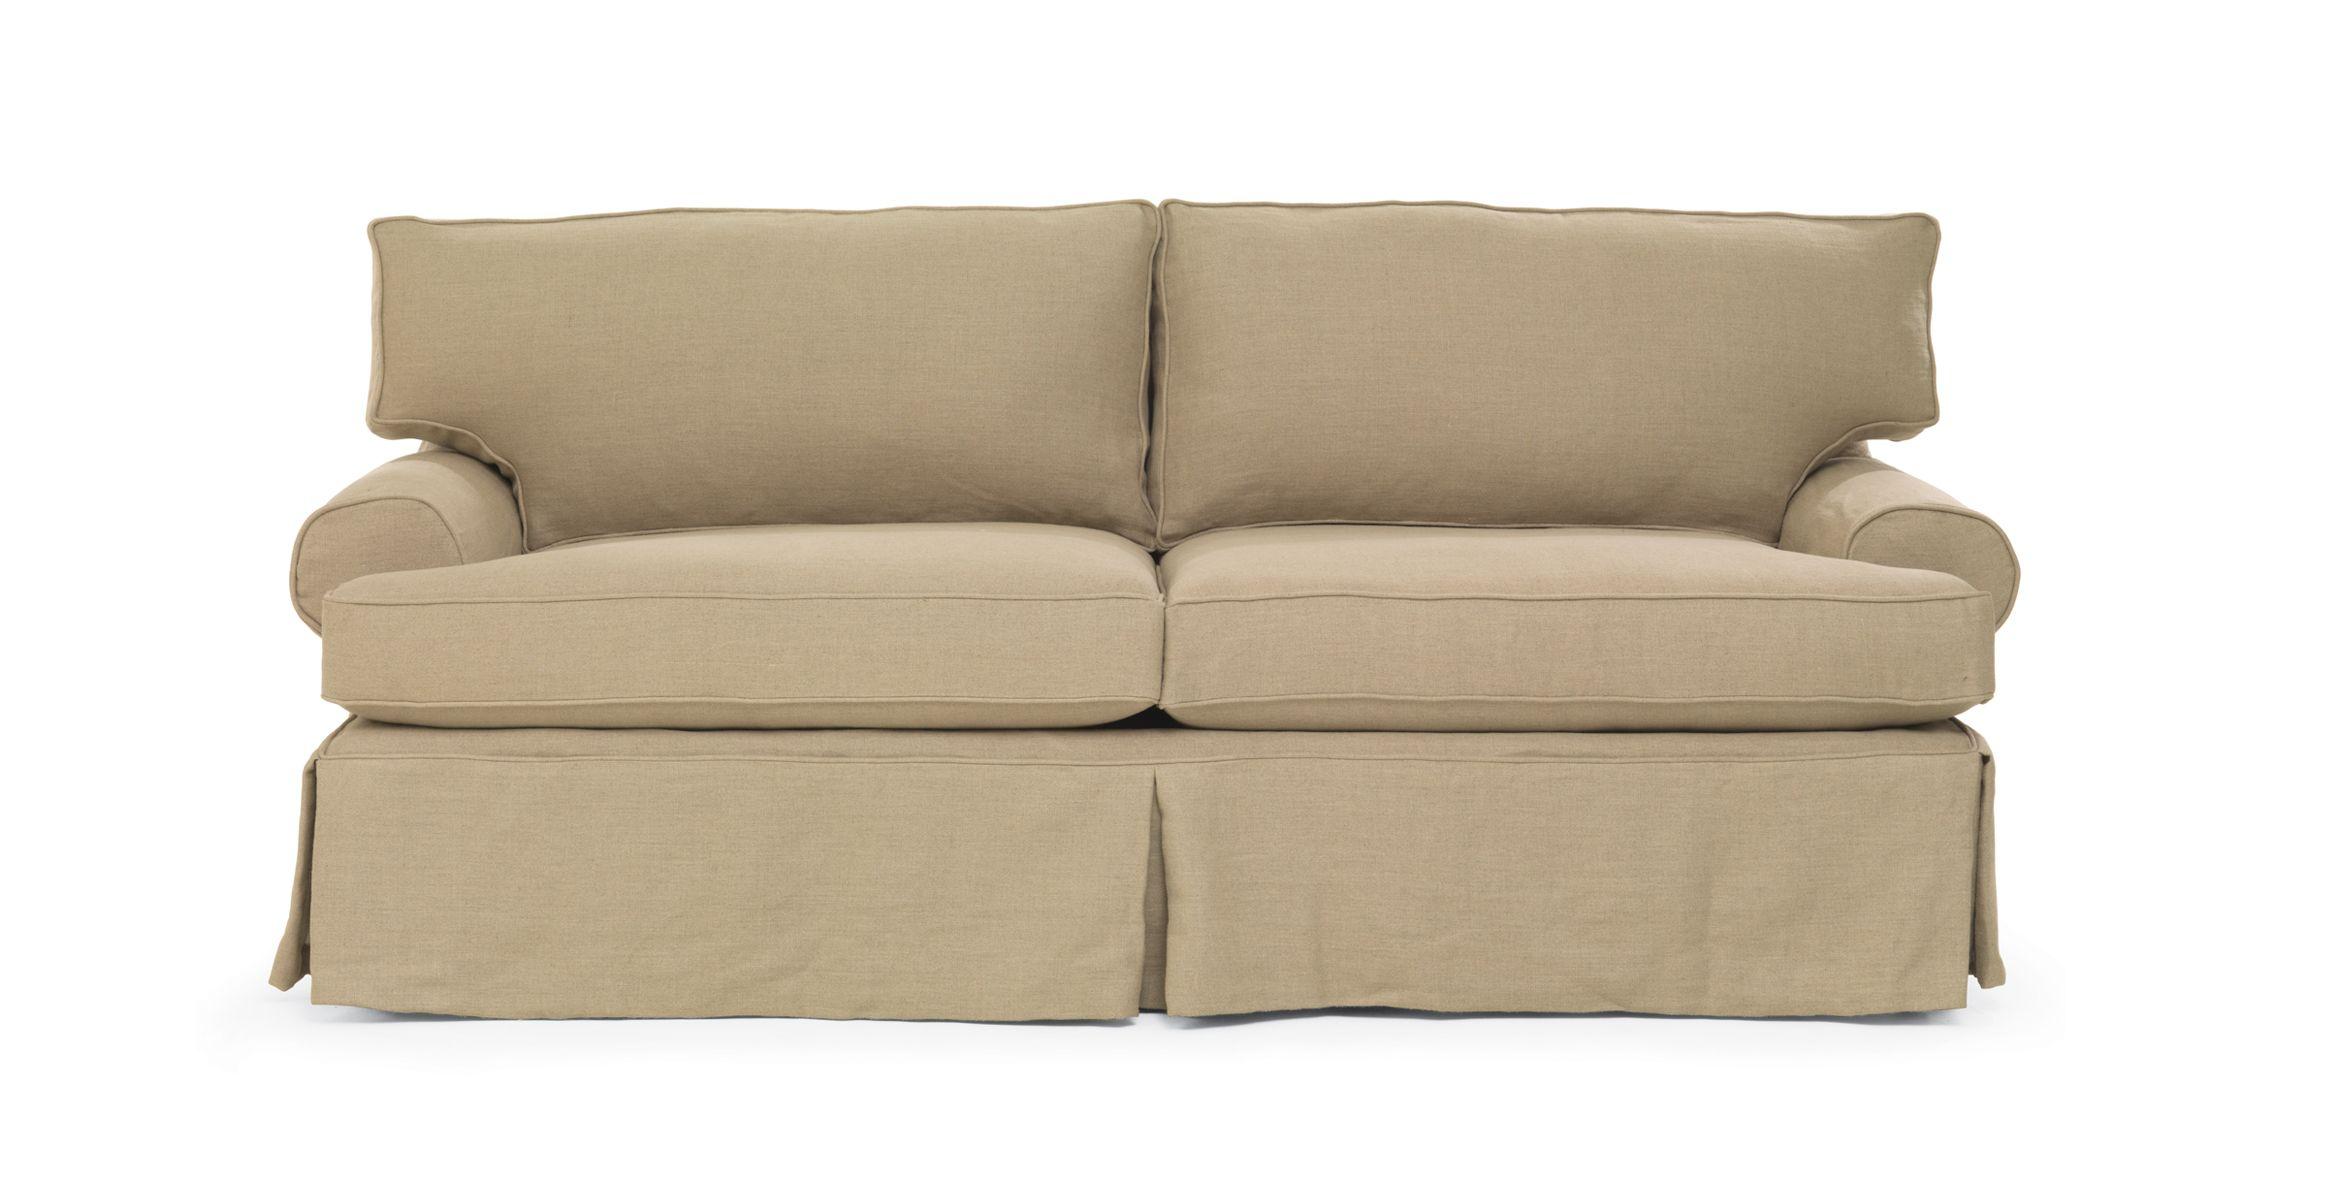 Linen Slipcovered Sofa Billige Sofas Online Kaufen Mitchell Gold 43 Bob Williams Nicki In